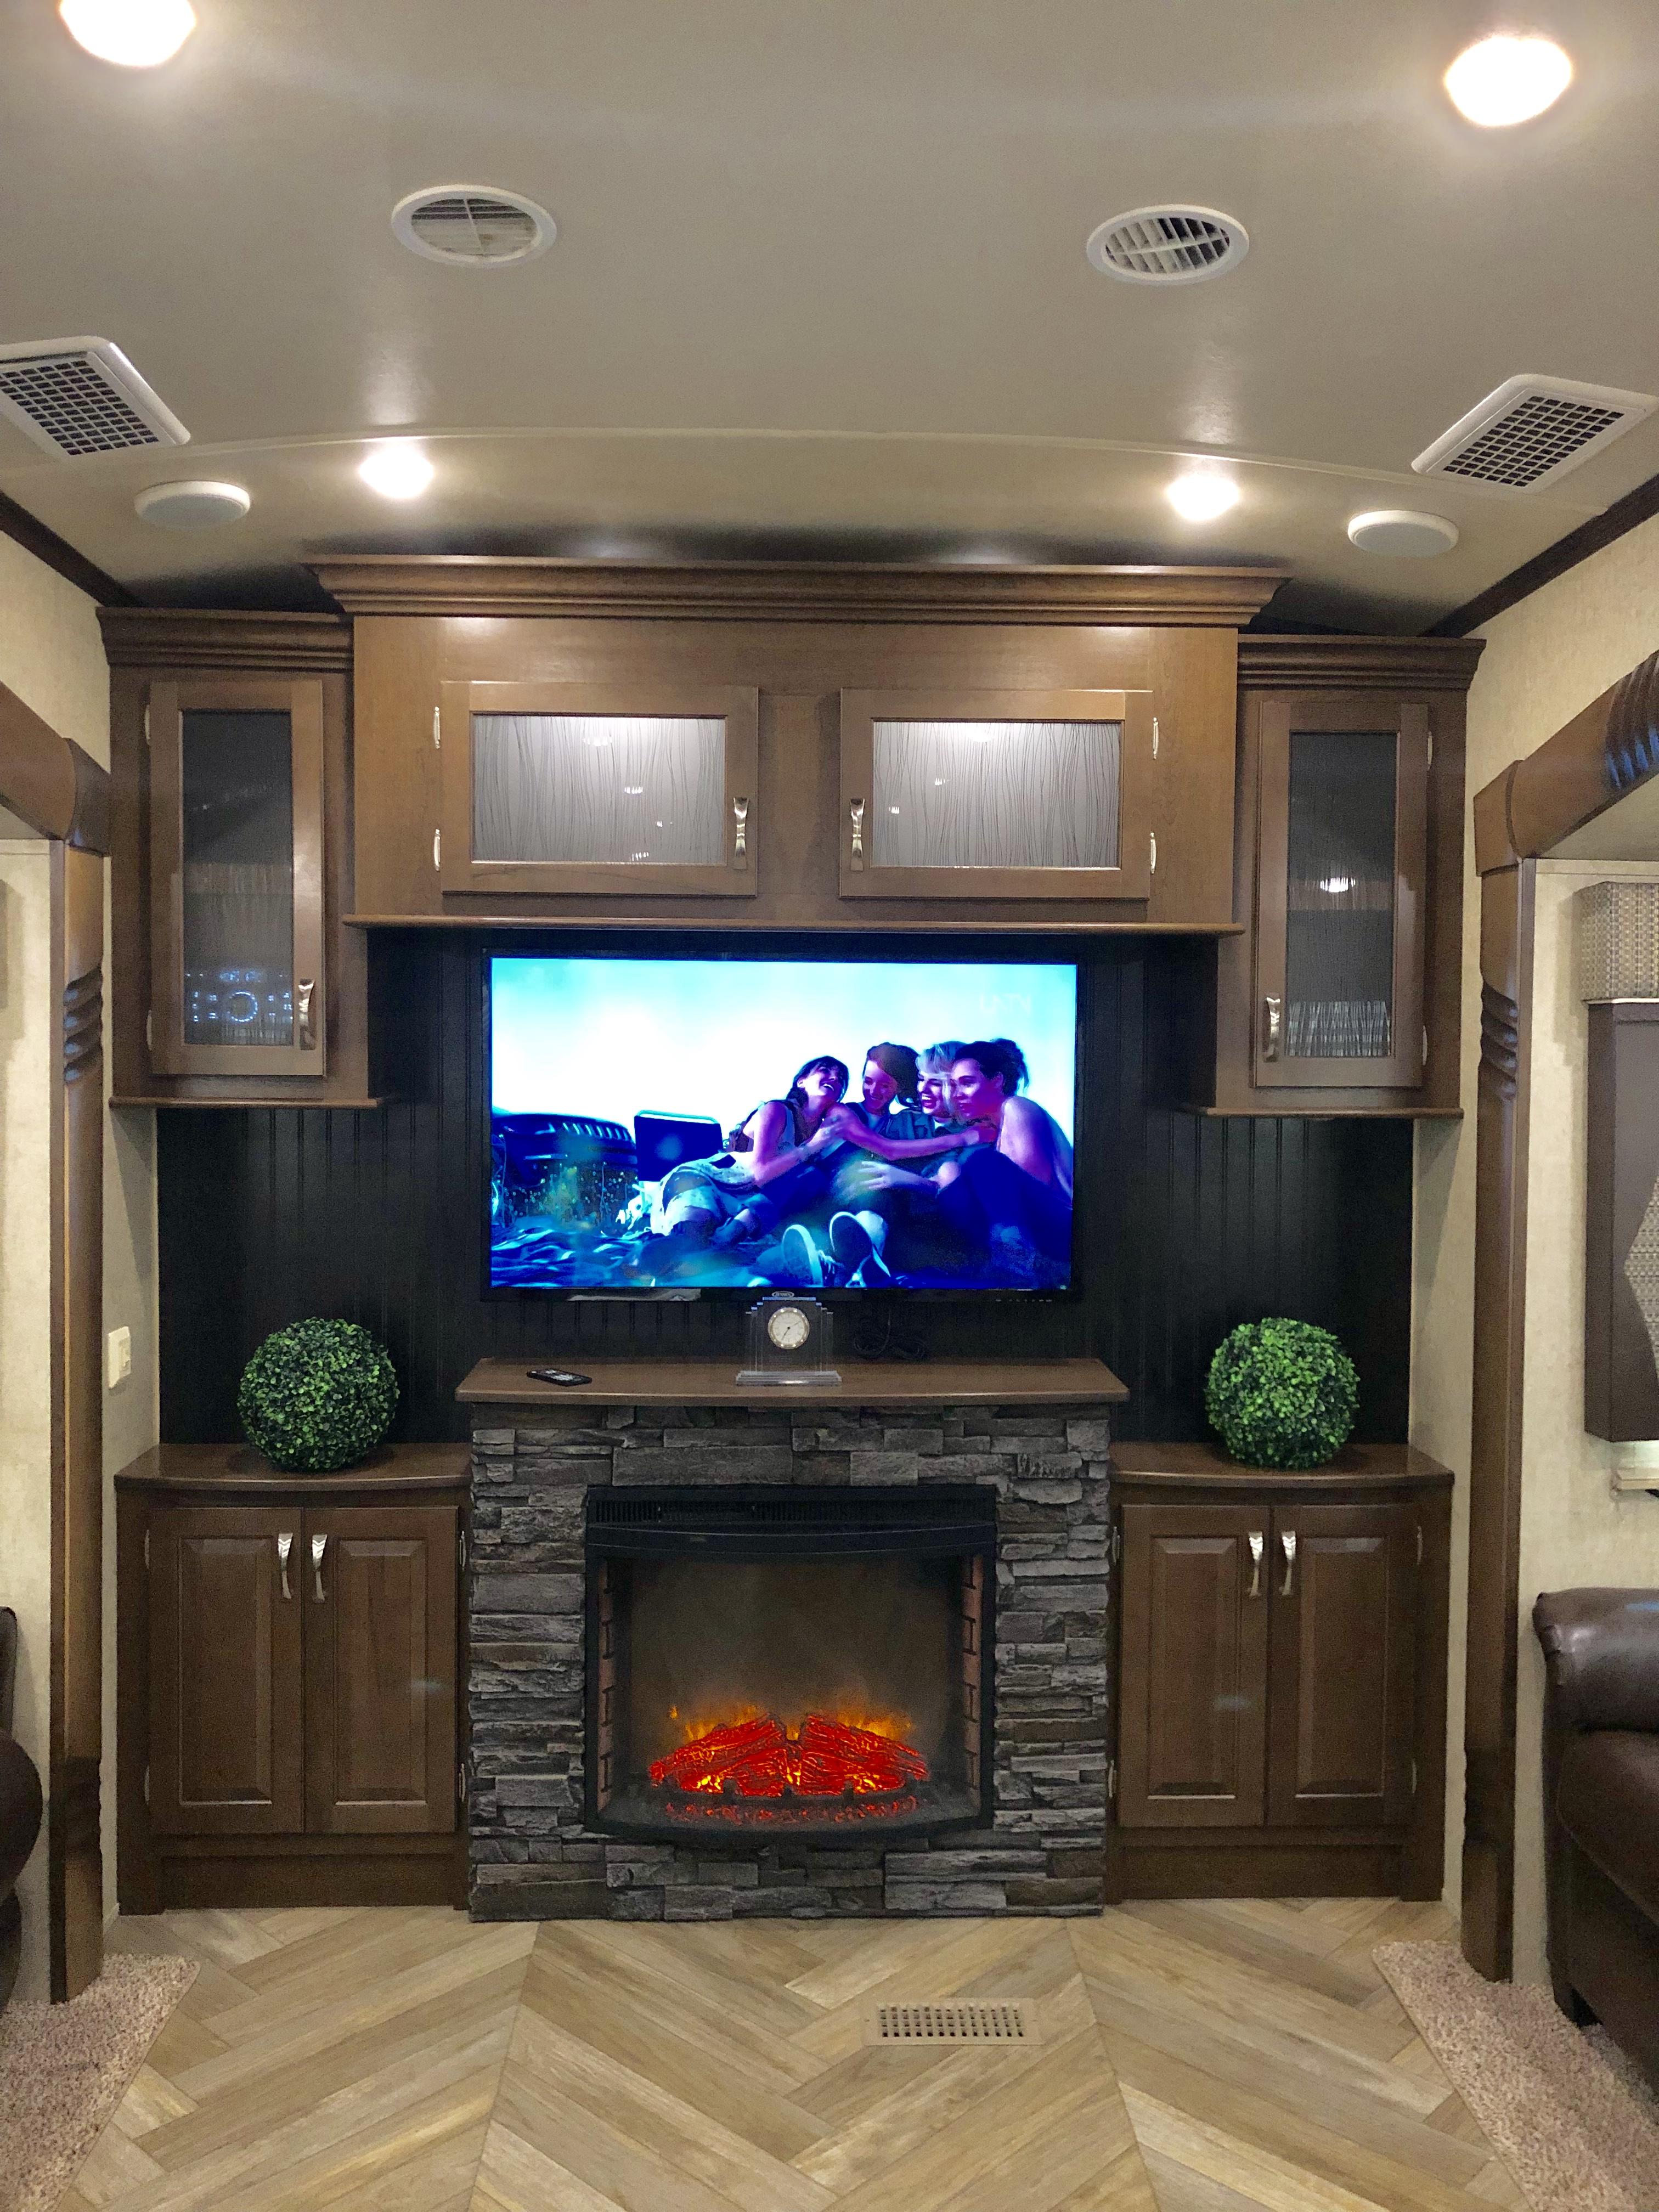 2017 Cedar Creek Silverback Edition Fifth Wheel Camper